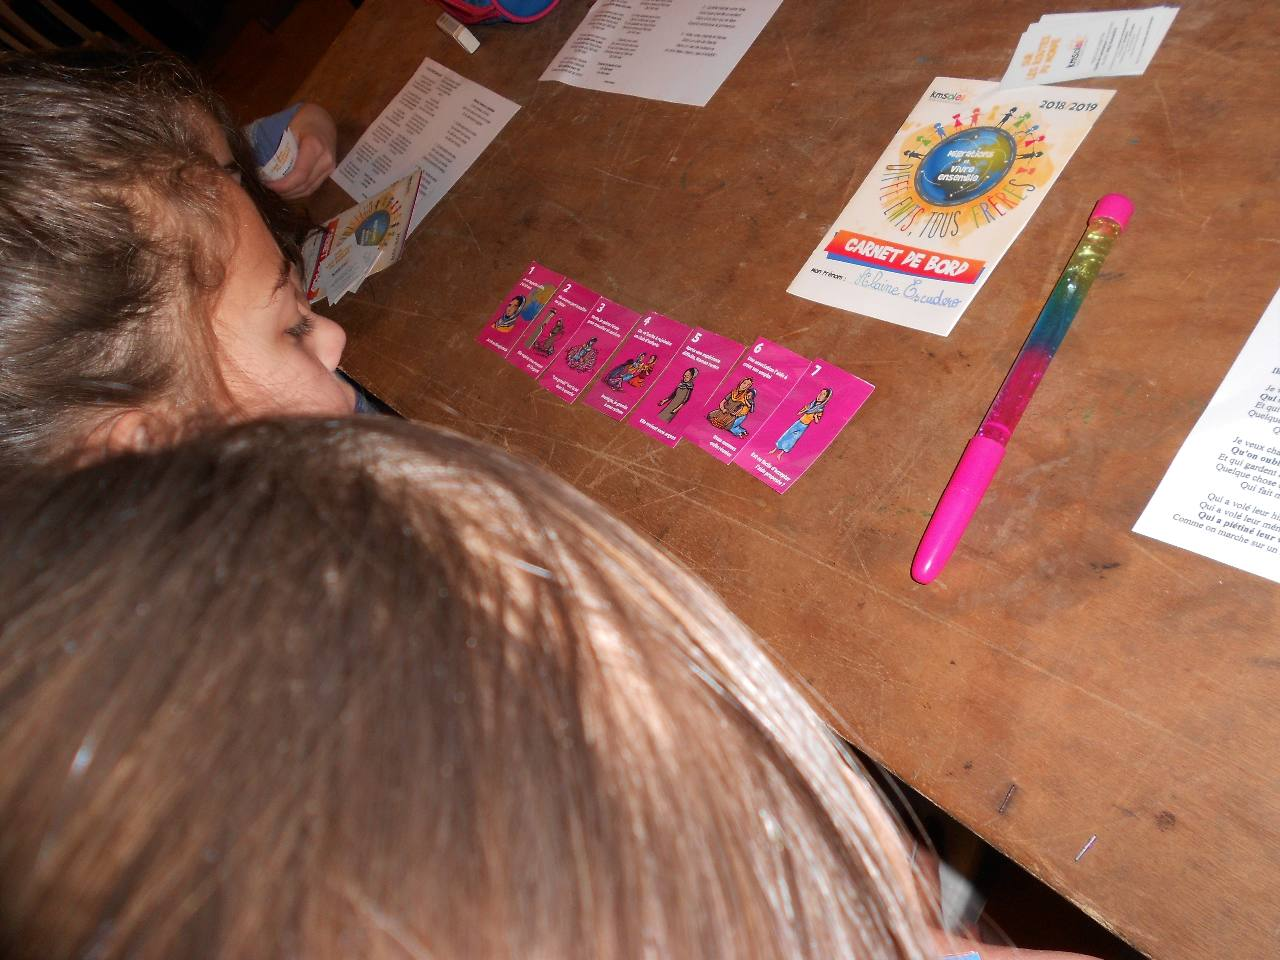 """les enfants regroupent une famille, lisent l'histoire de l'enfant cité, répondent à la question de la dernière carte et notent leur avis sur leur """"carnet de bord"""""""